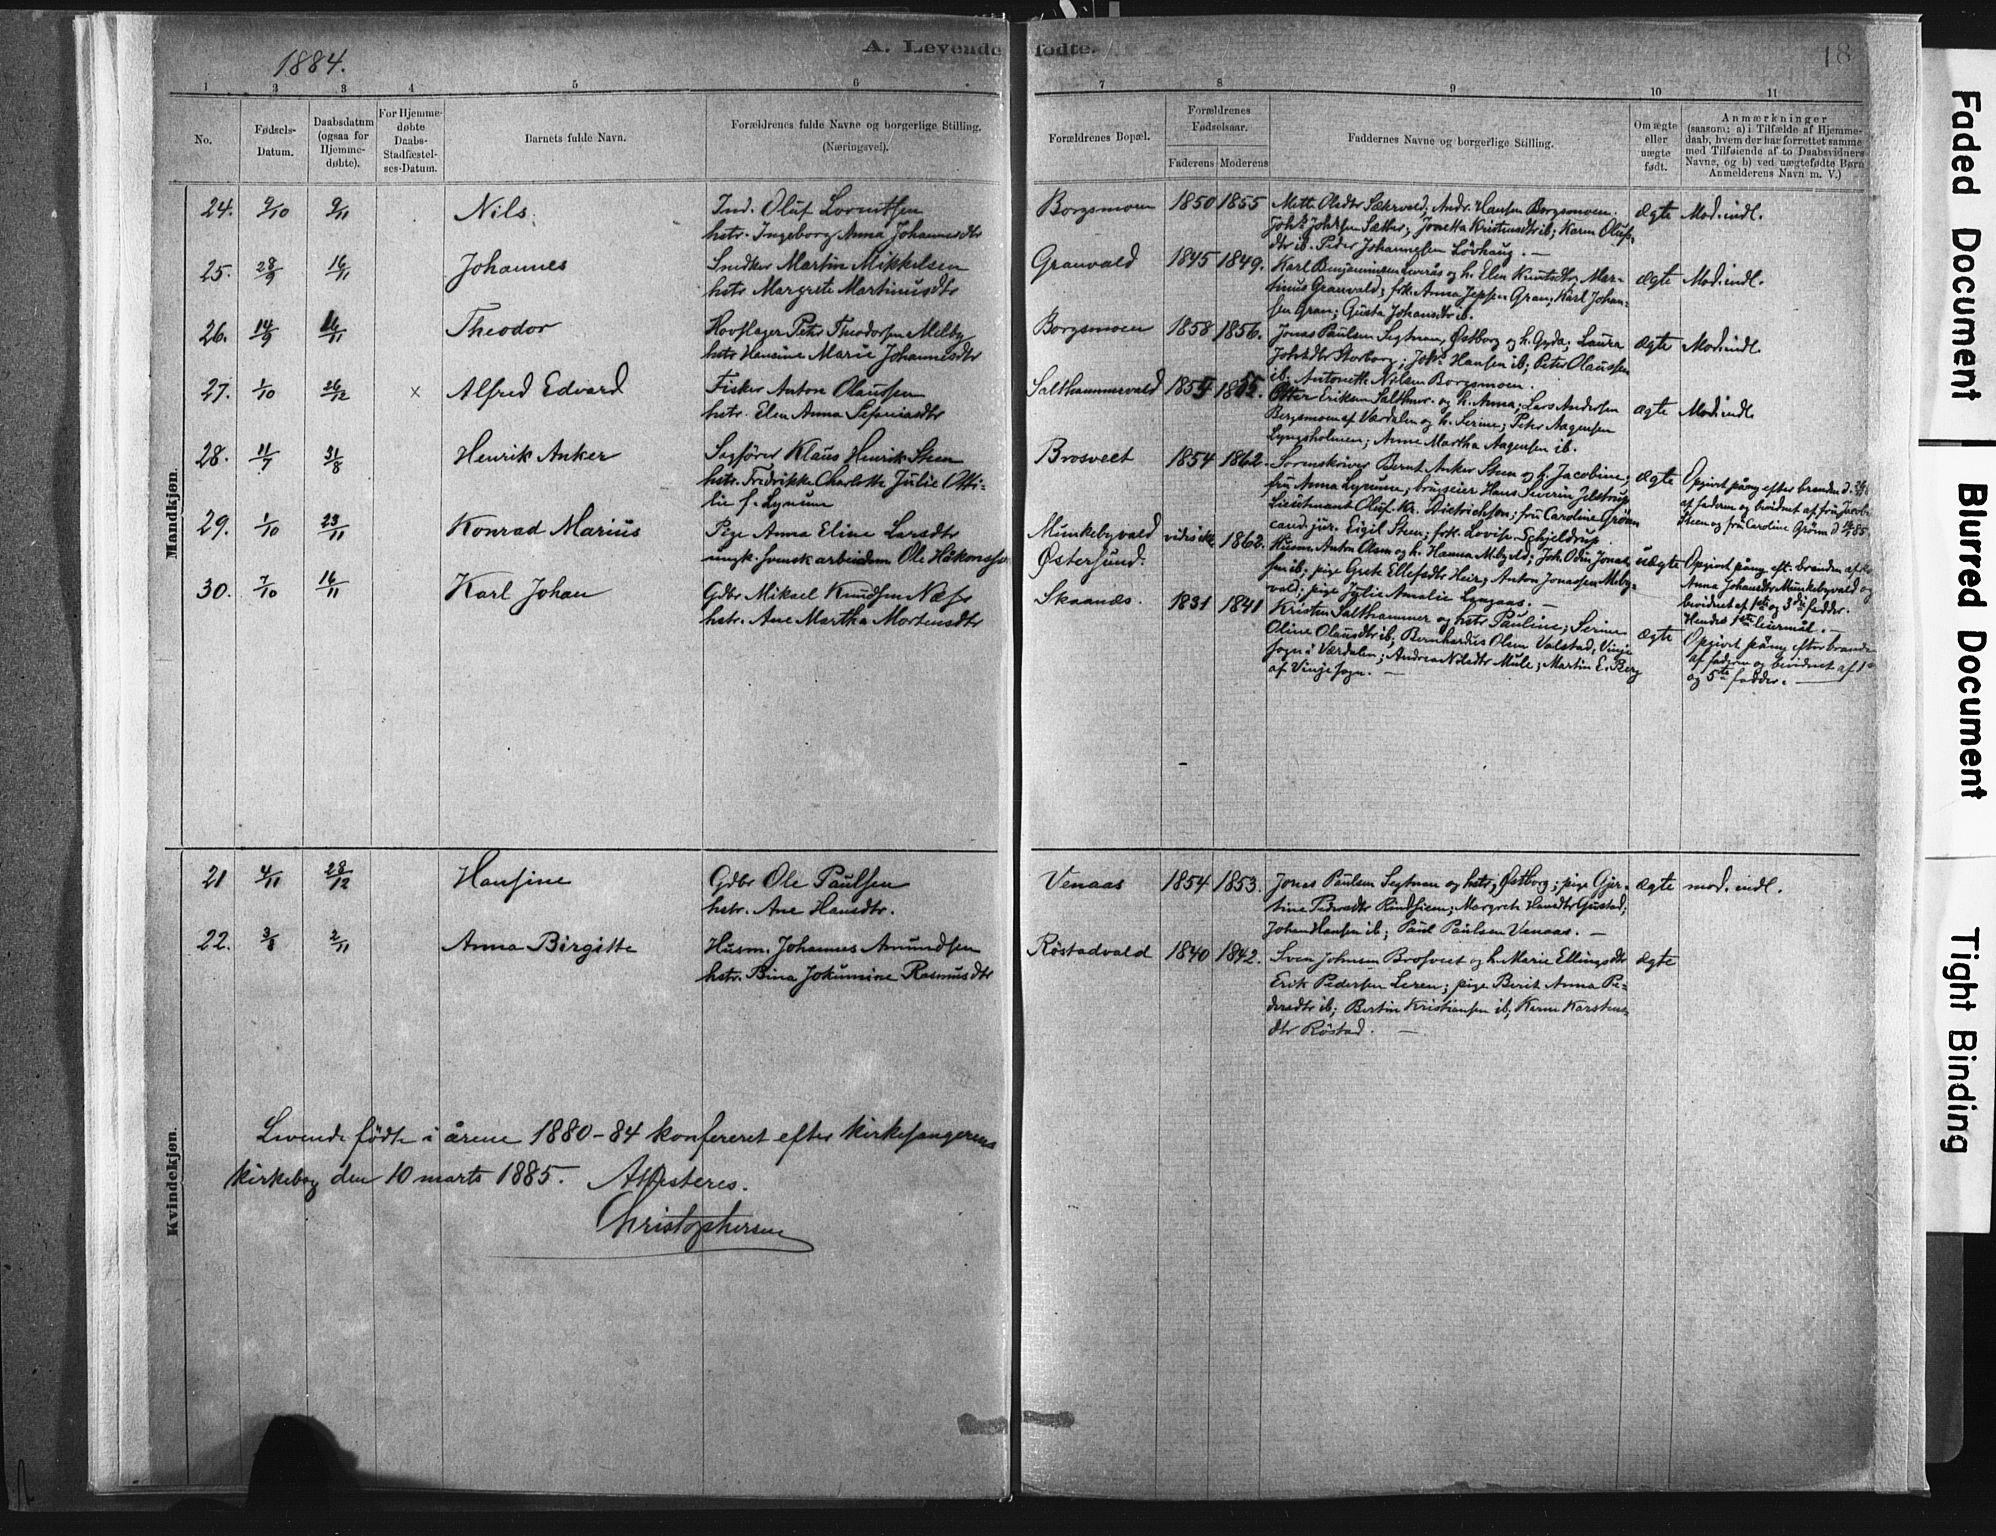 SAT, Ministerialprotokoller, klokkerbøker og fødselsregistre - Nord-Trøndelag, 721/L0207: Ministerialbok nr. 721A02, 1880-1911, s. 18